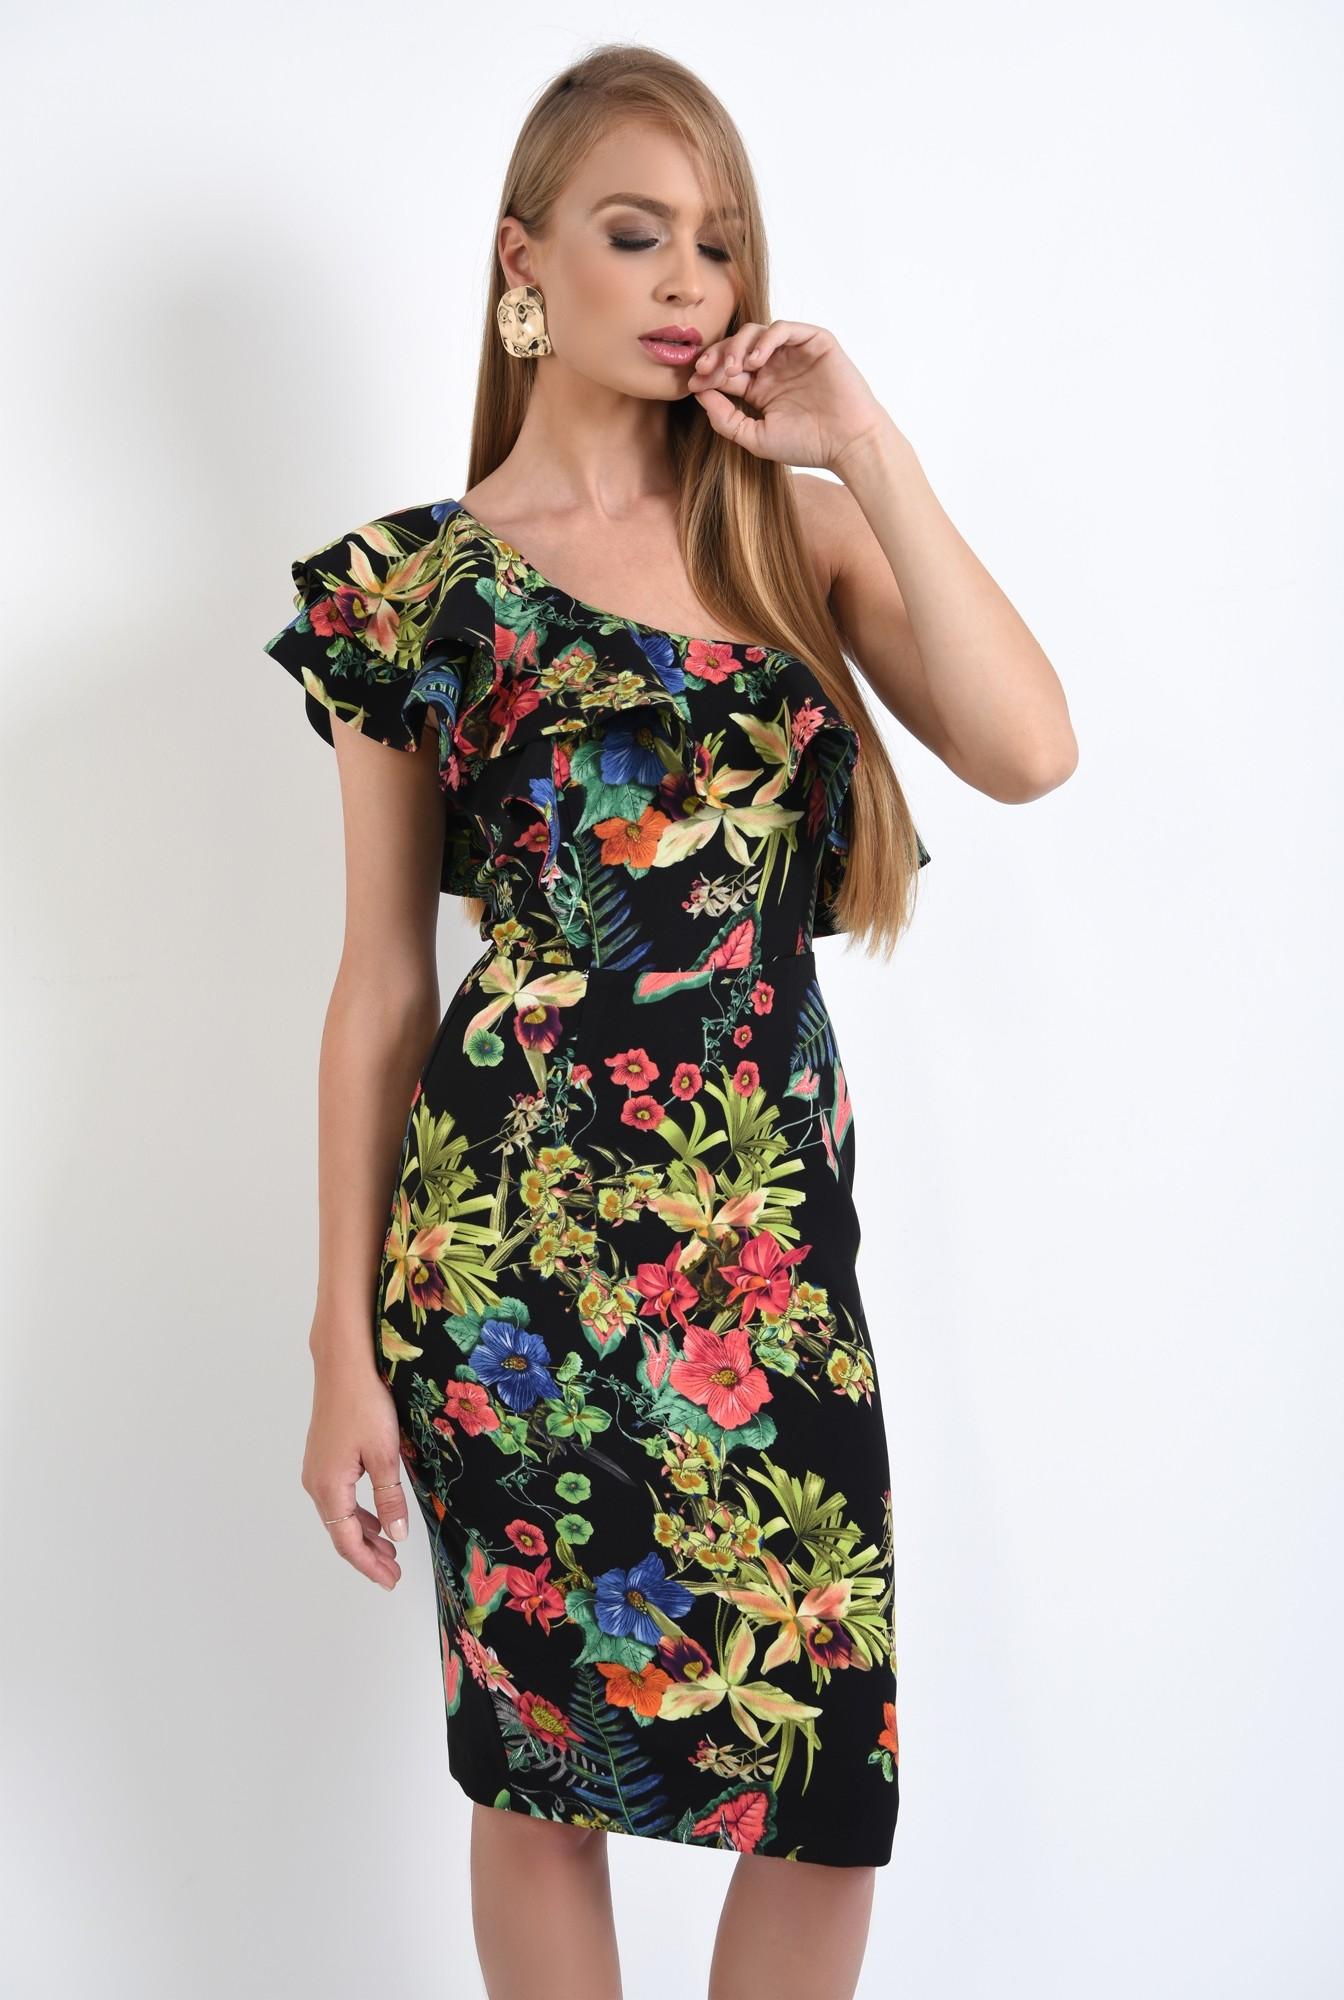 0 - 360 - rochii online, rochie cambrata, cu flori, umar dezgolit